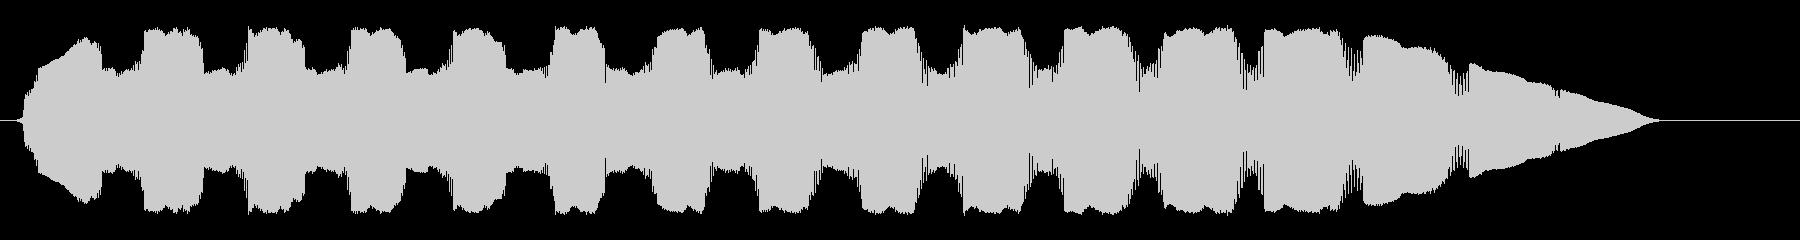 ピロピロピューンUFOの高音のループ音の未再生の波形